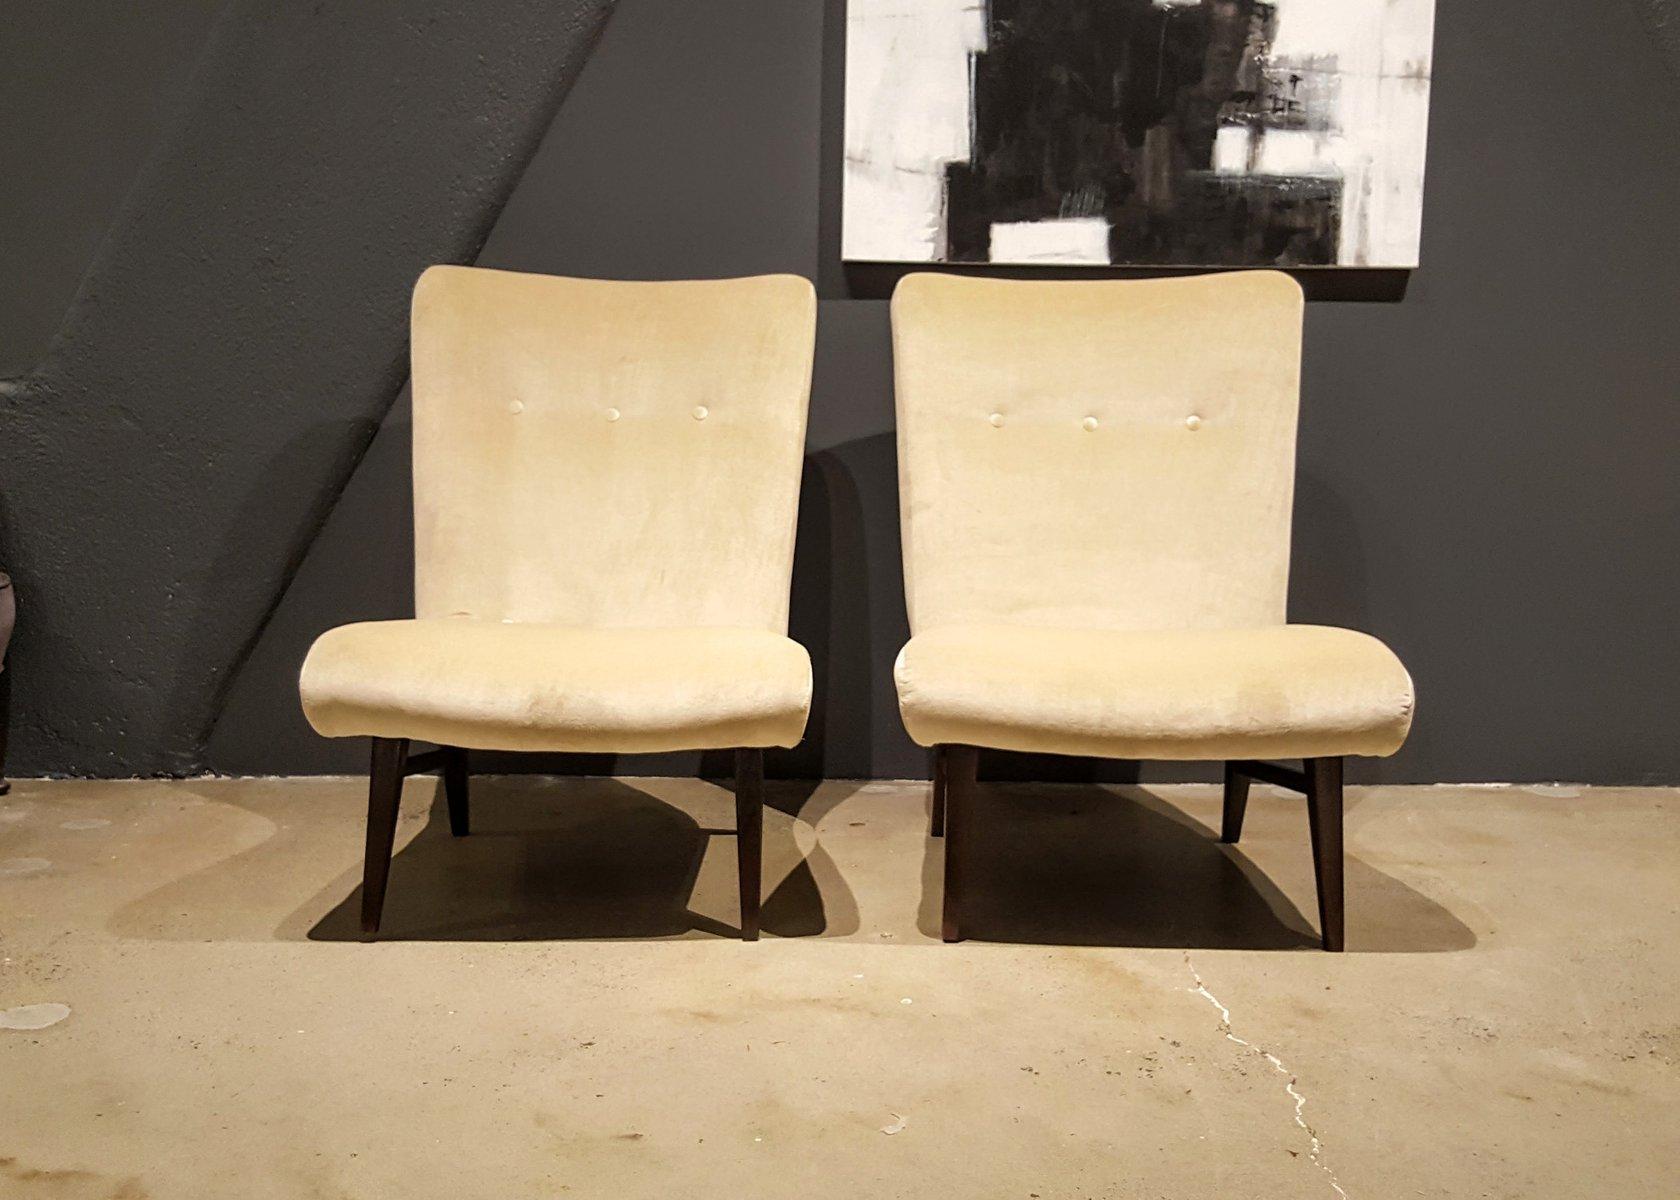 Swedish Slipper Chairs in Cream Colored Velvet 1950s Set of 2